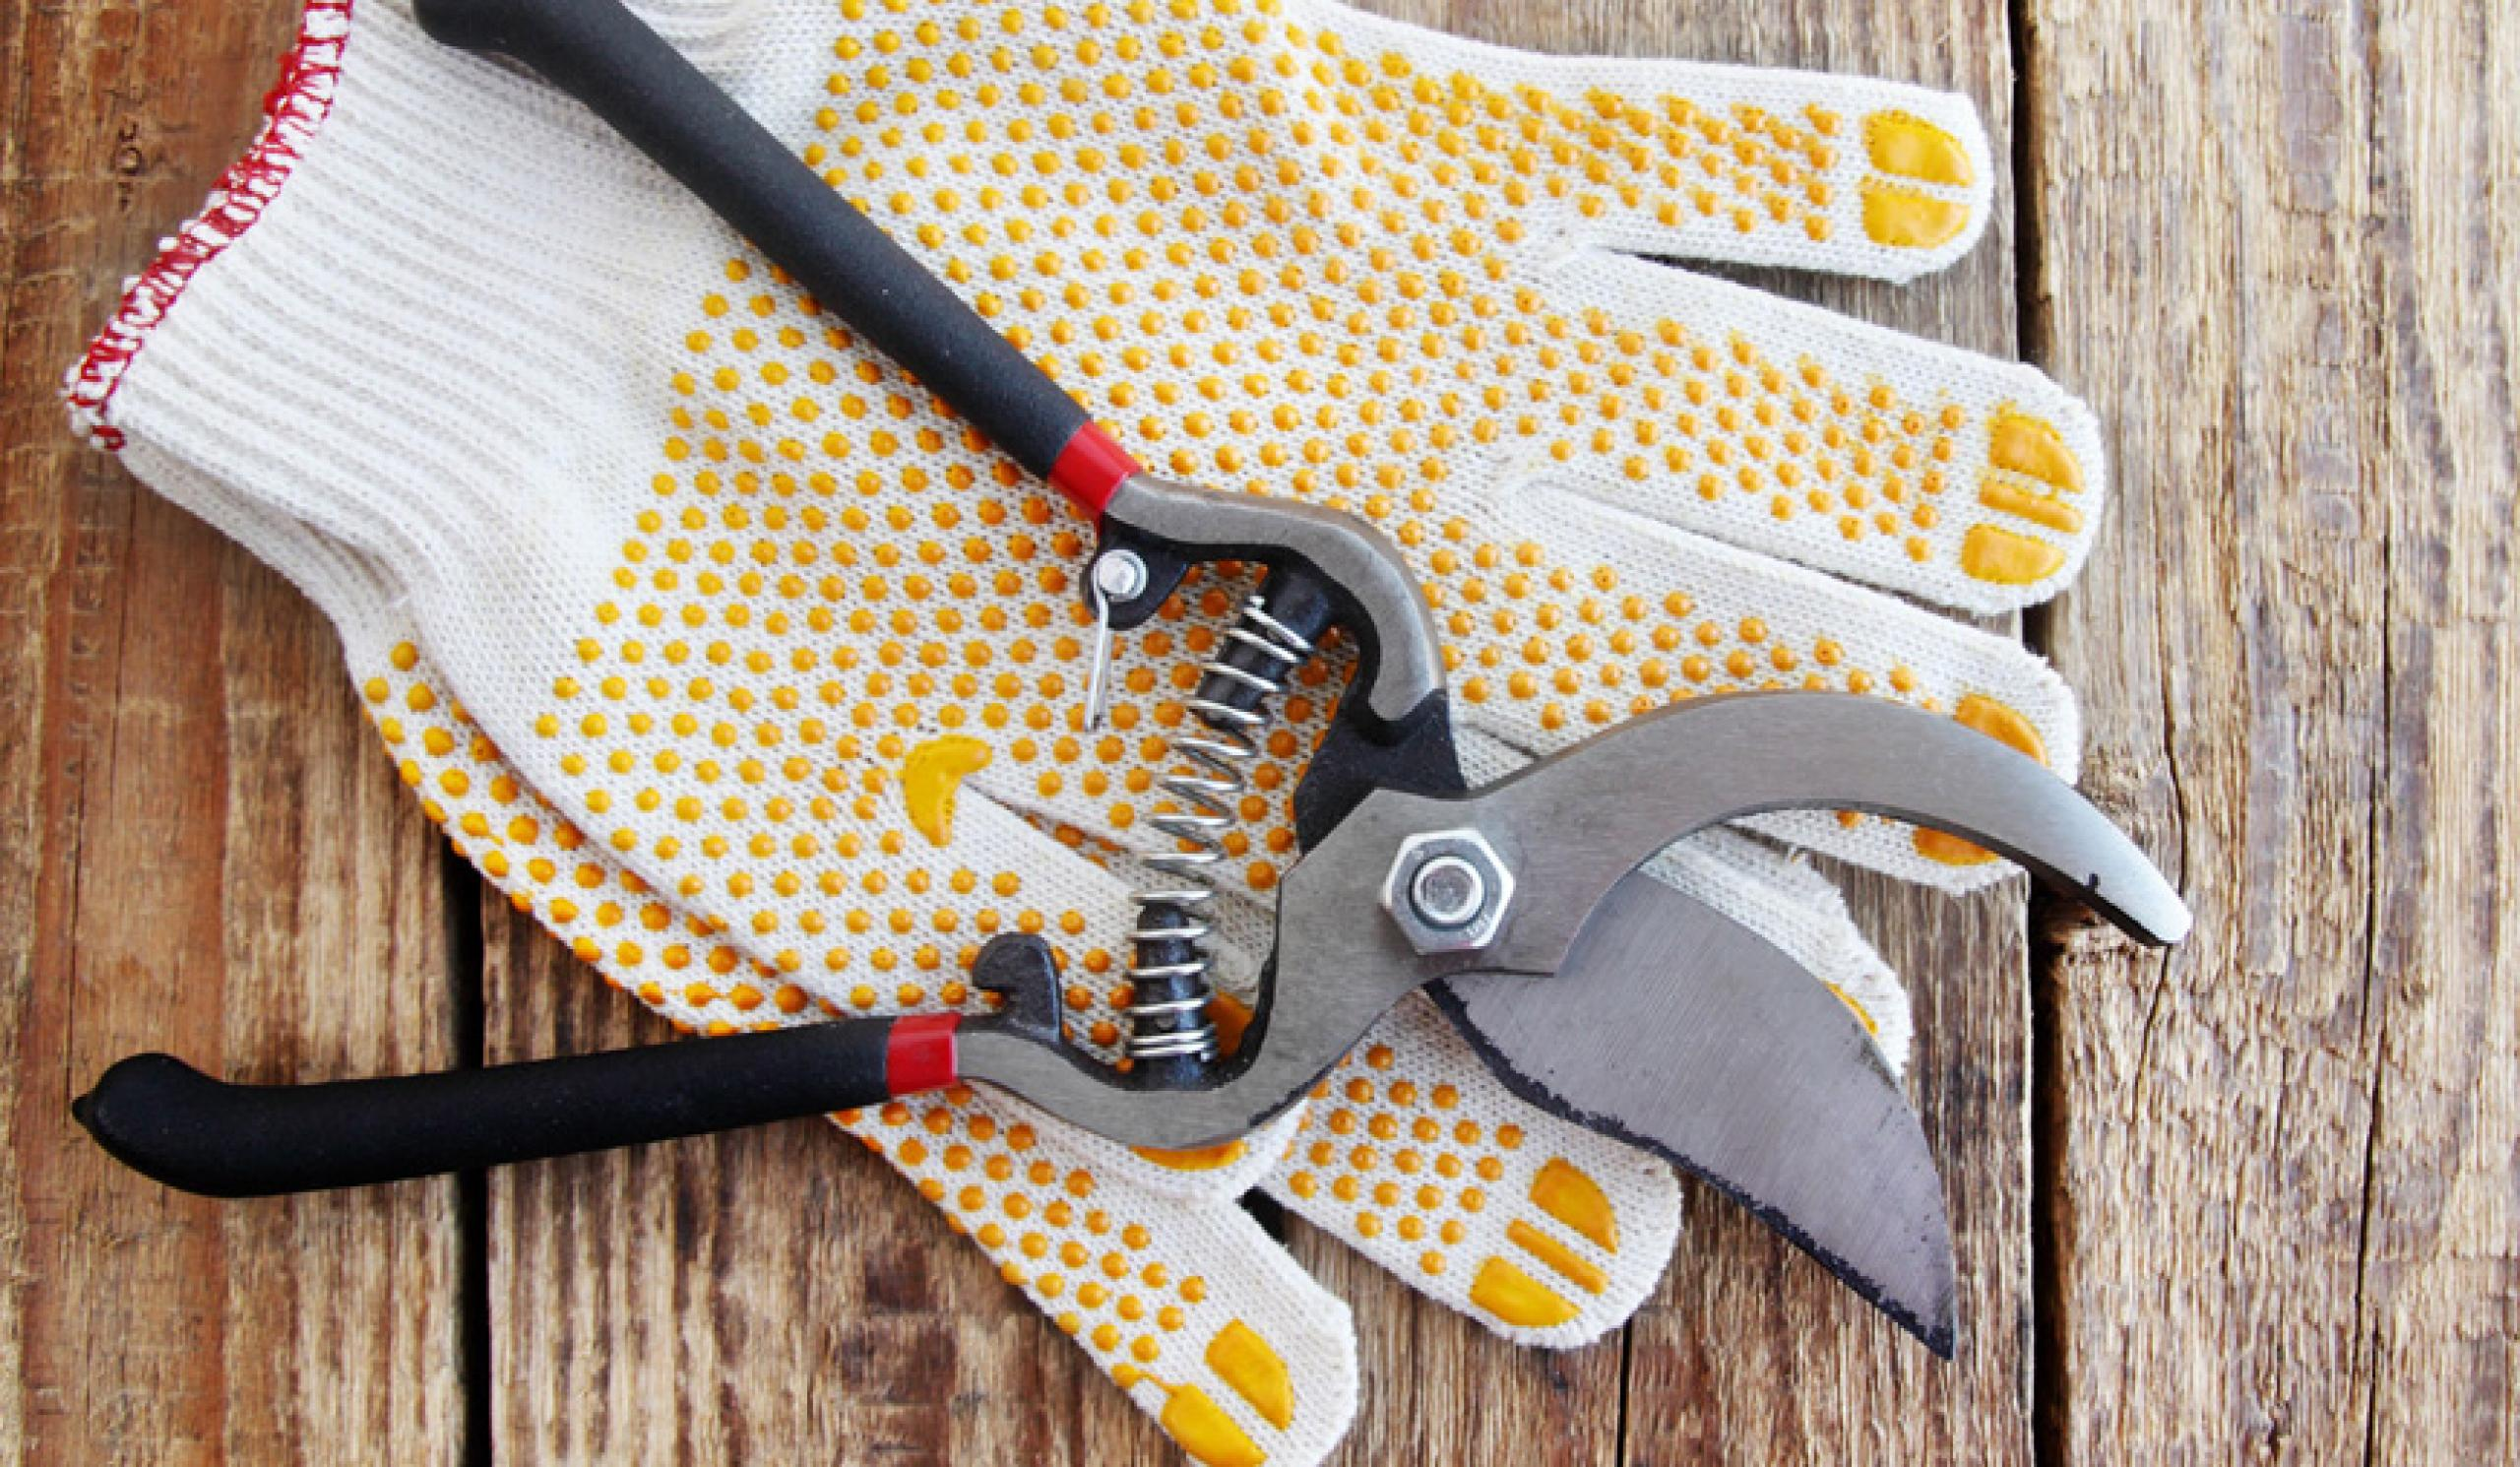 Συντήρηση κήπου και υπαίθριες εργασίες